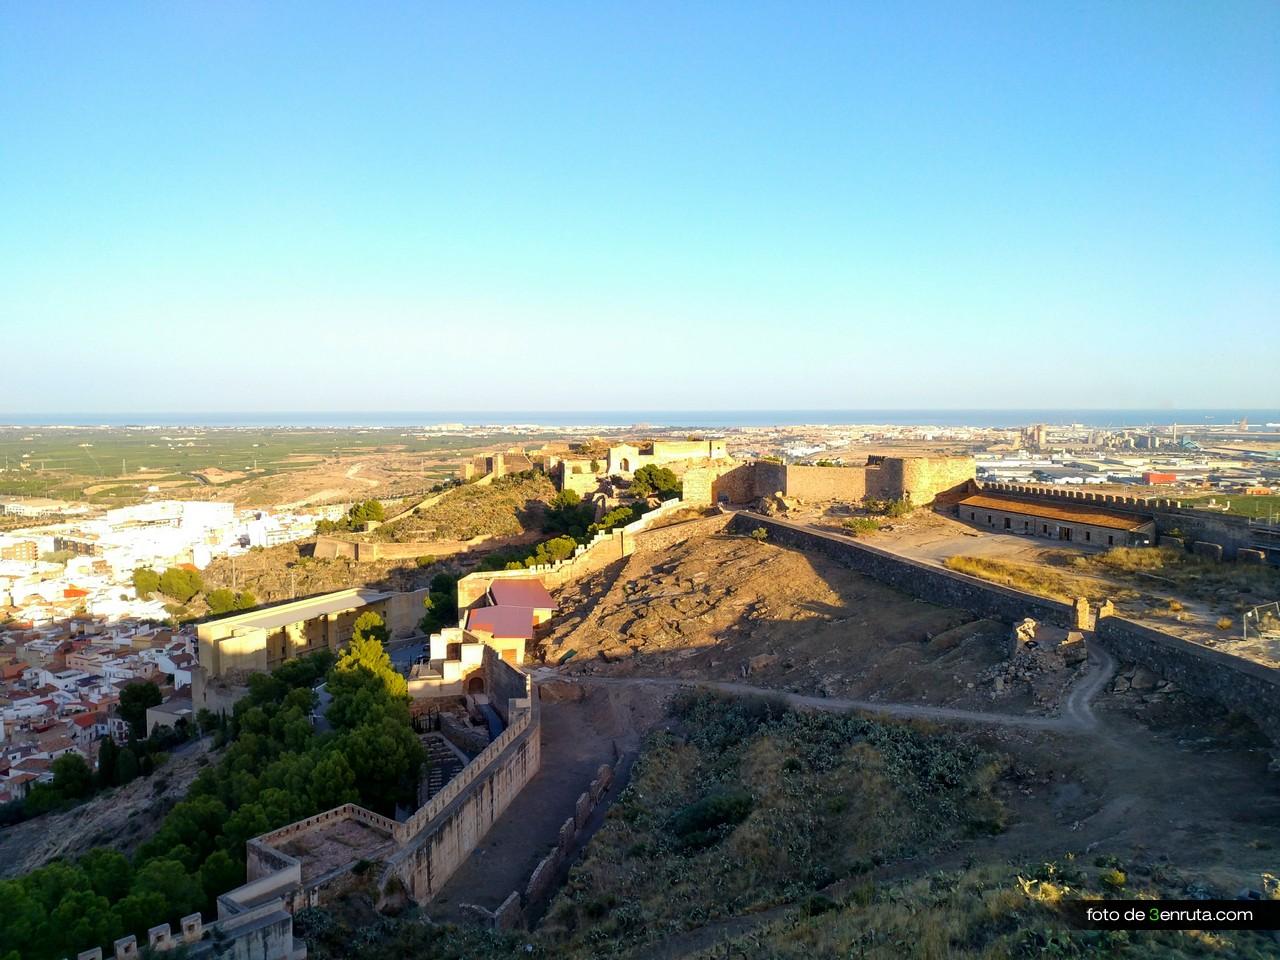 Vista del castillo desde su interior